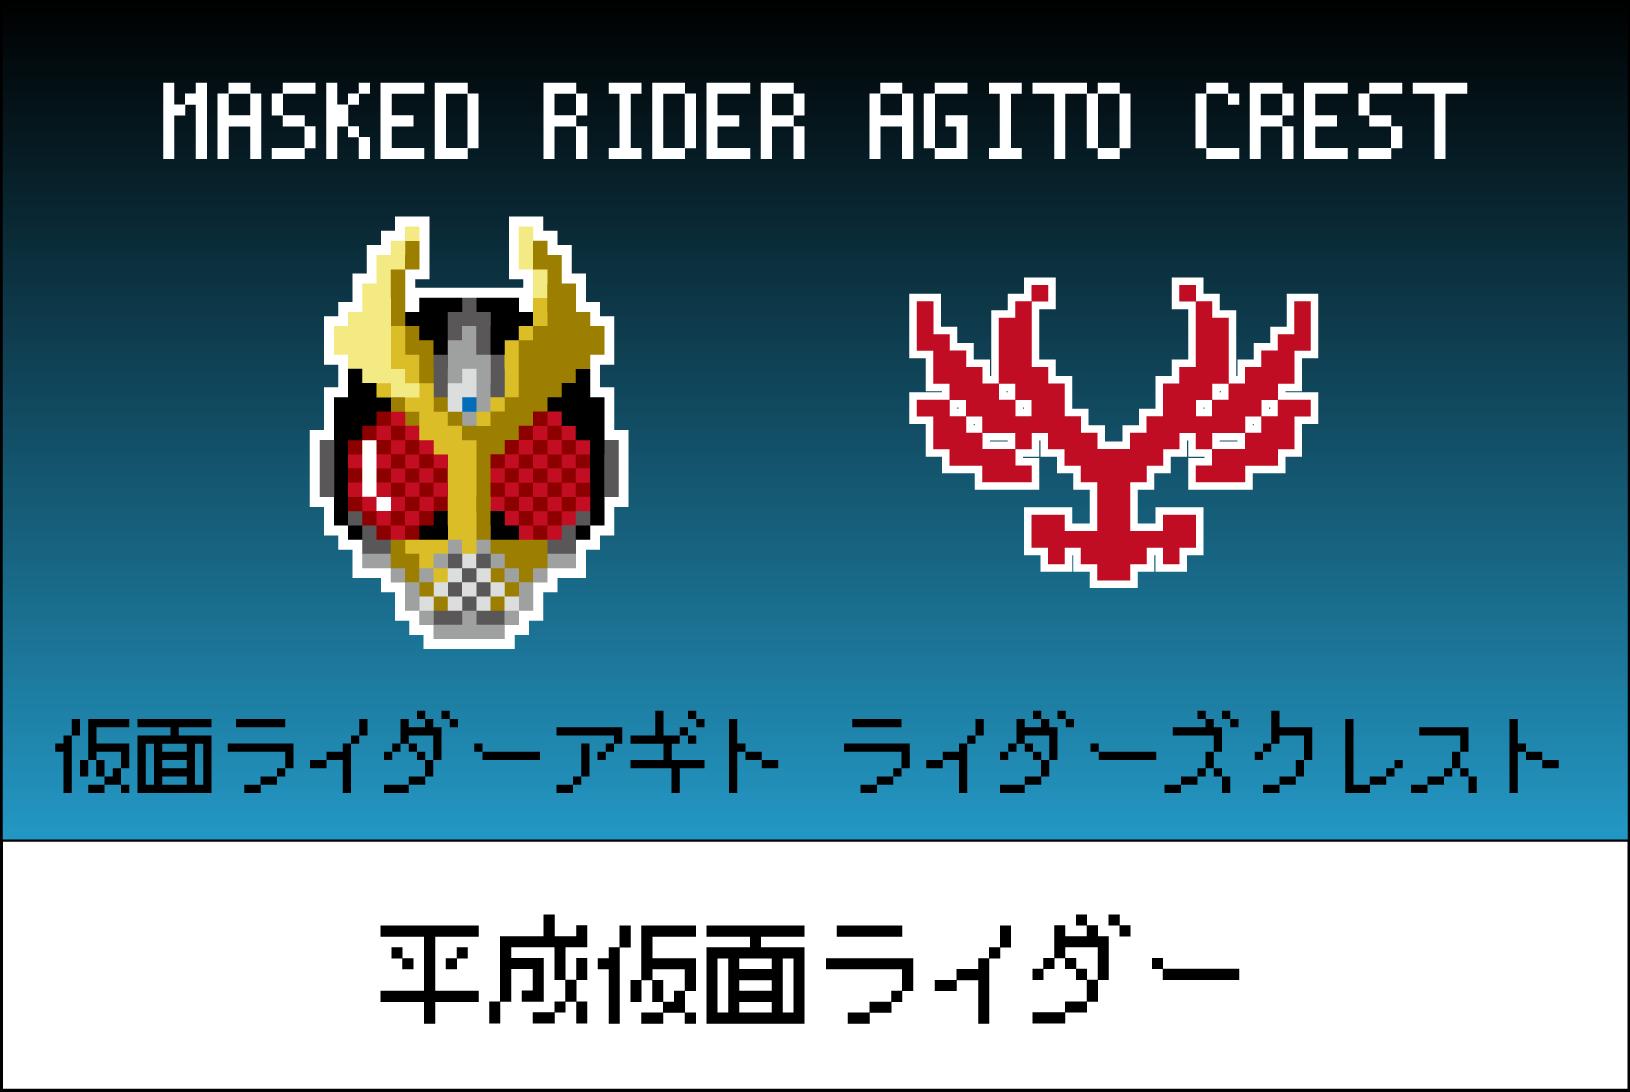 【平成仮面ライダーシリーズ】仮面ライダーアギト ライダーズクレストの図案【紋章・マーク】